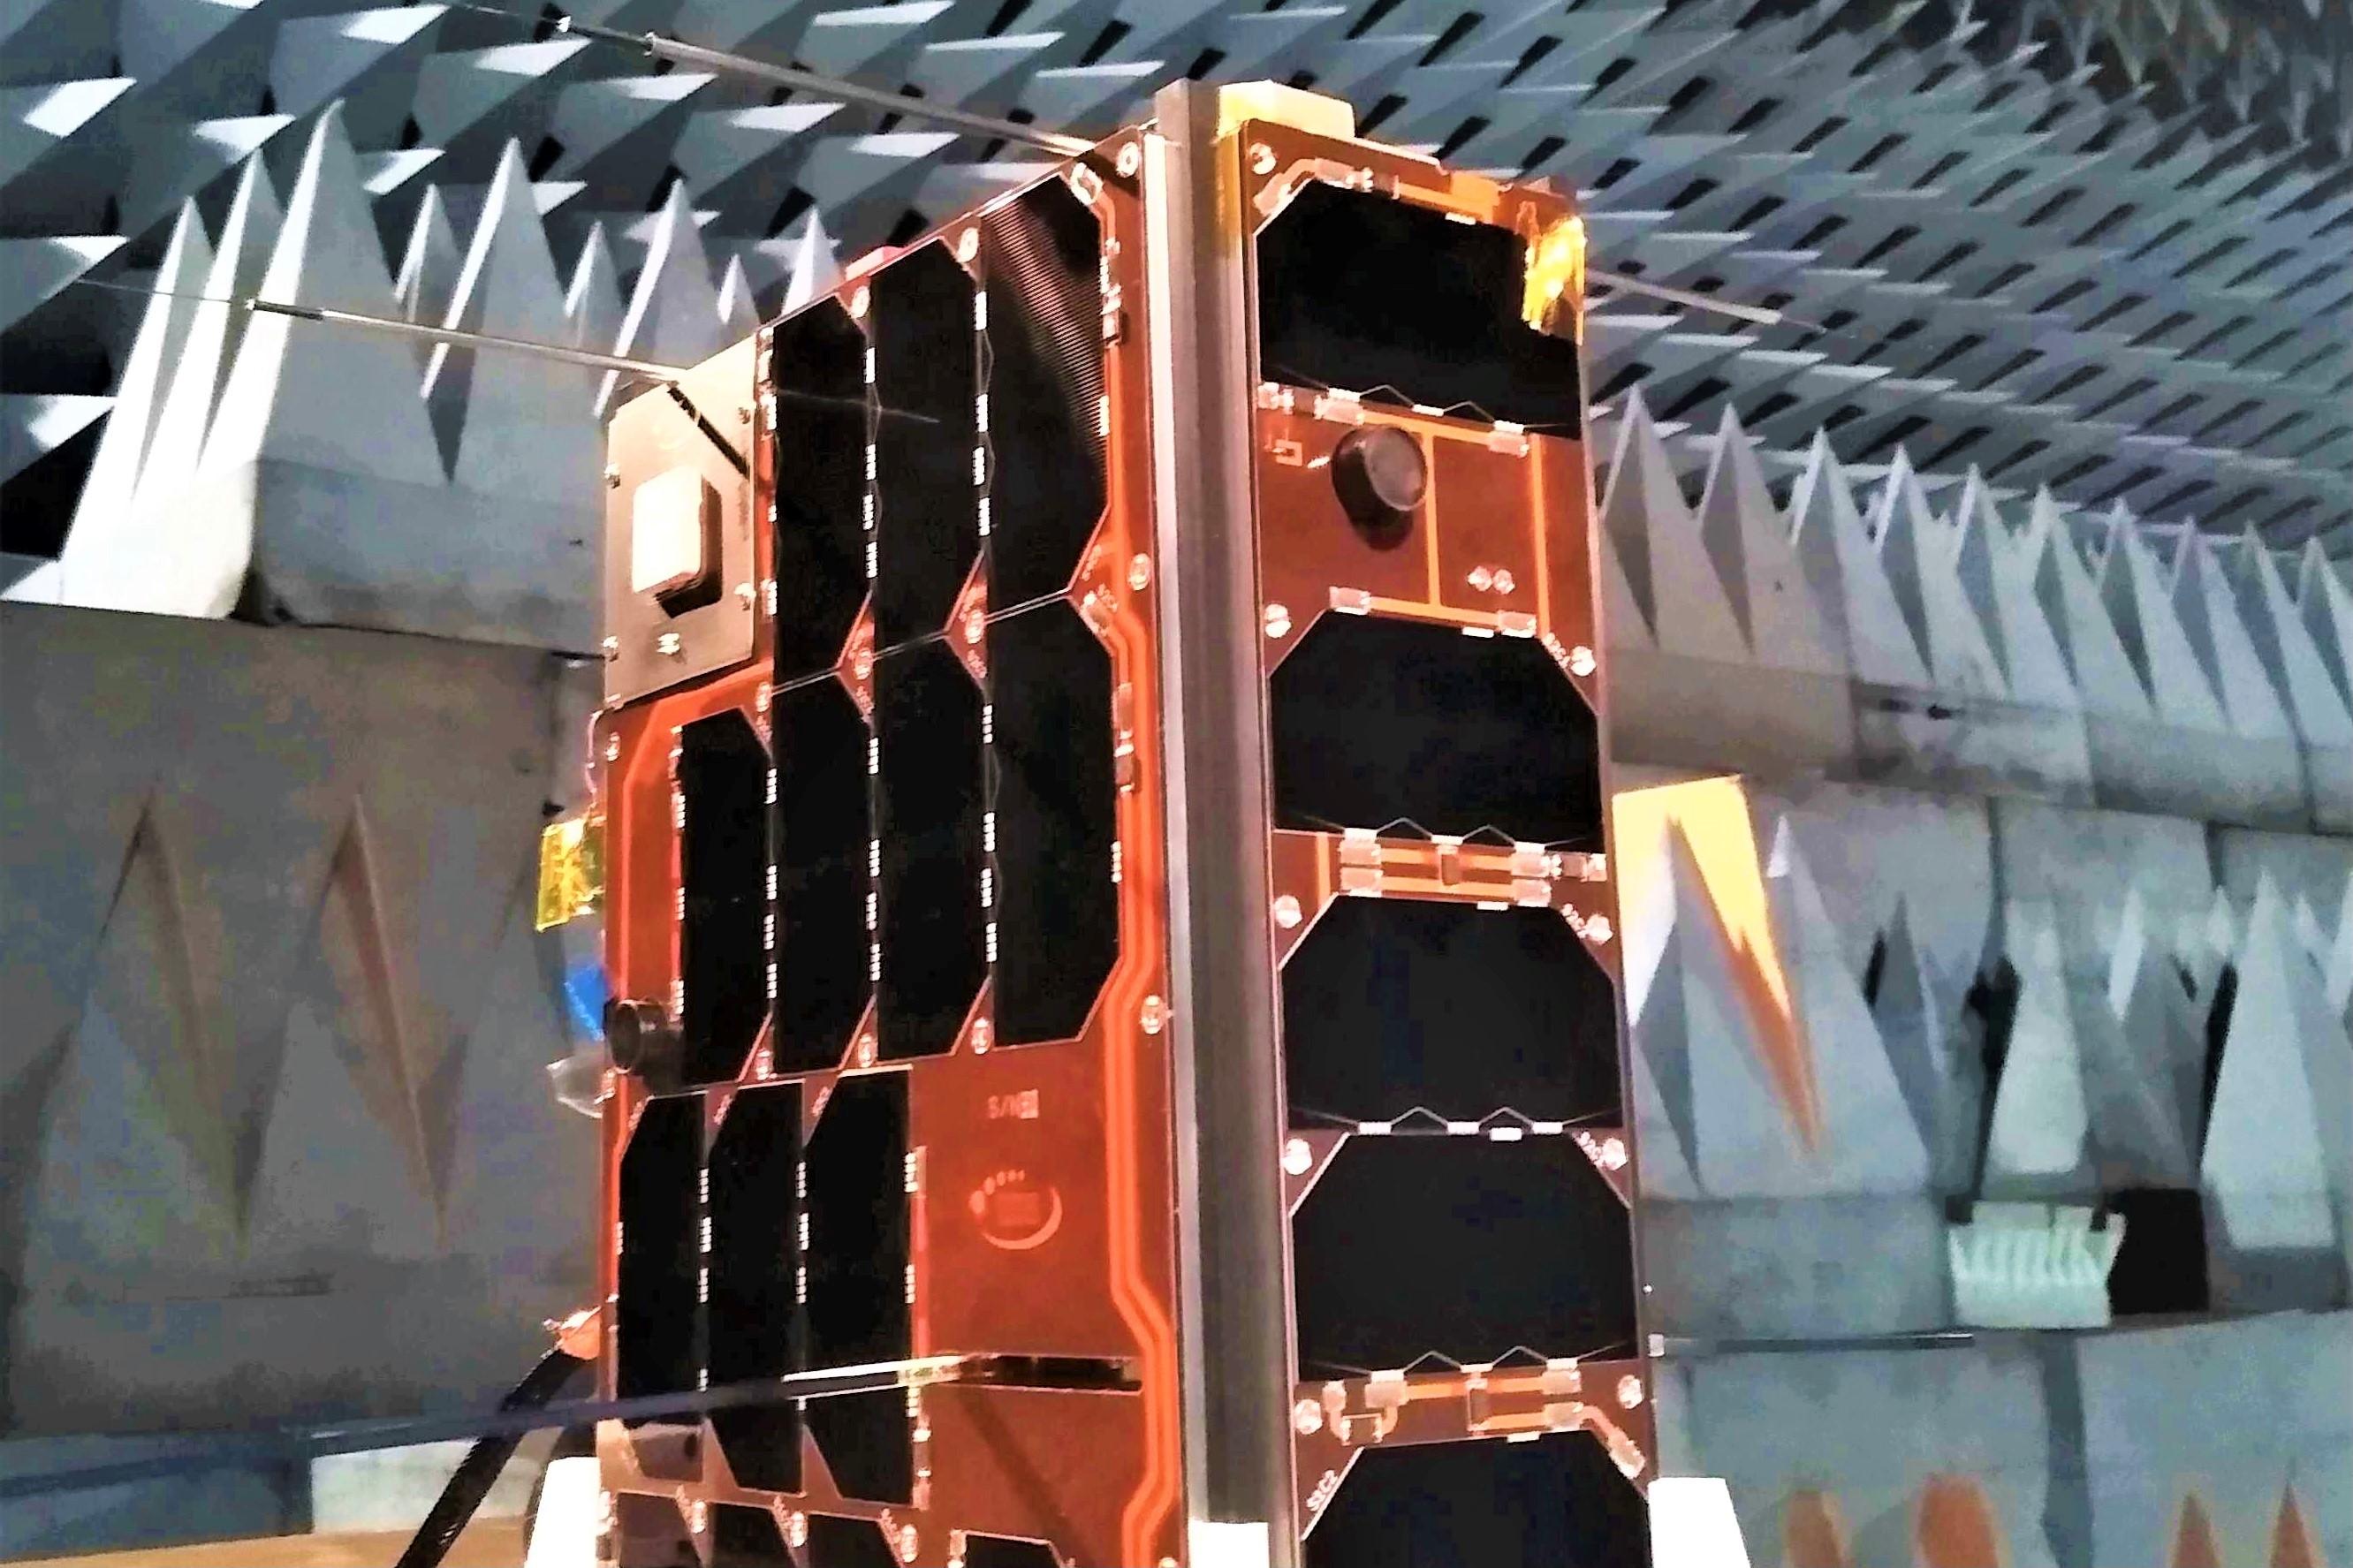 De nanosatelliet van de Koninklijke Luchtmacht, de BRIK II.